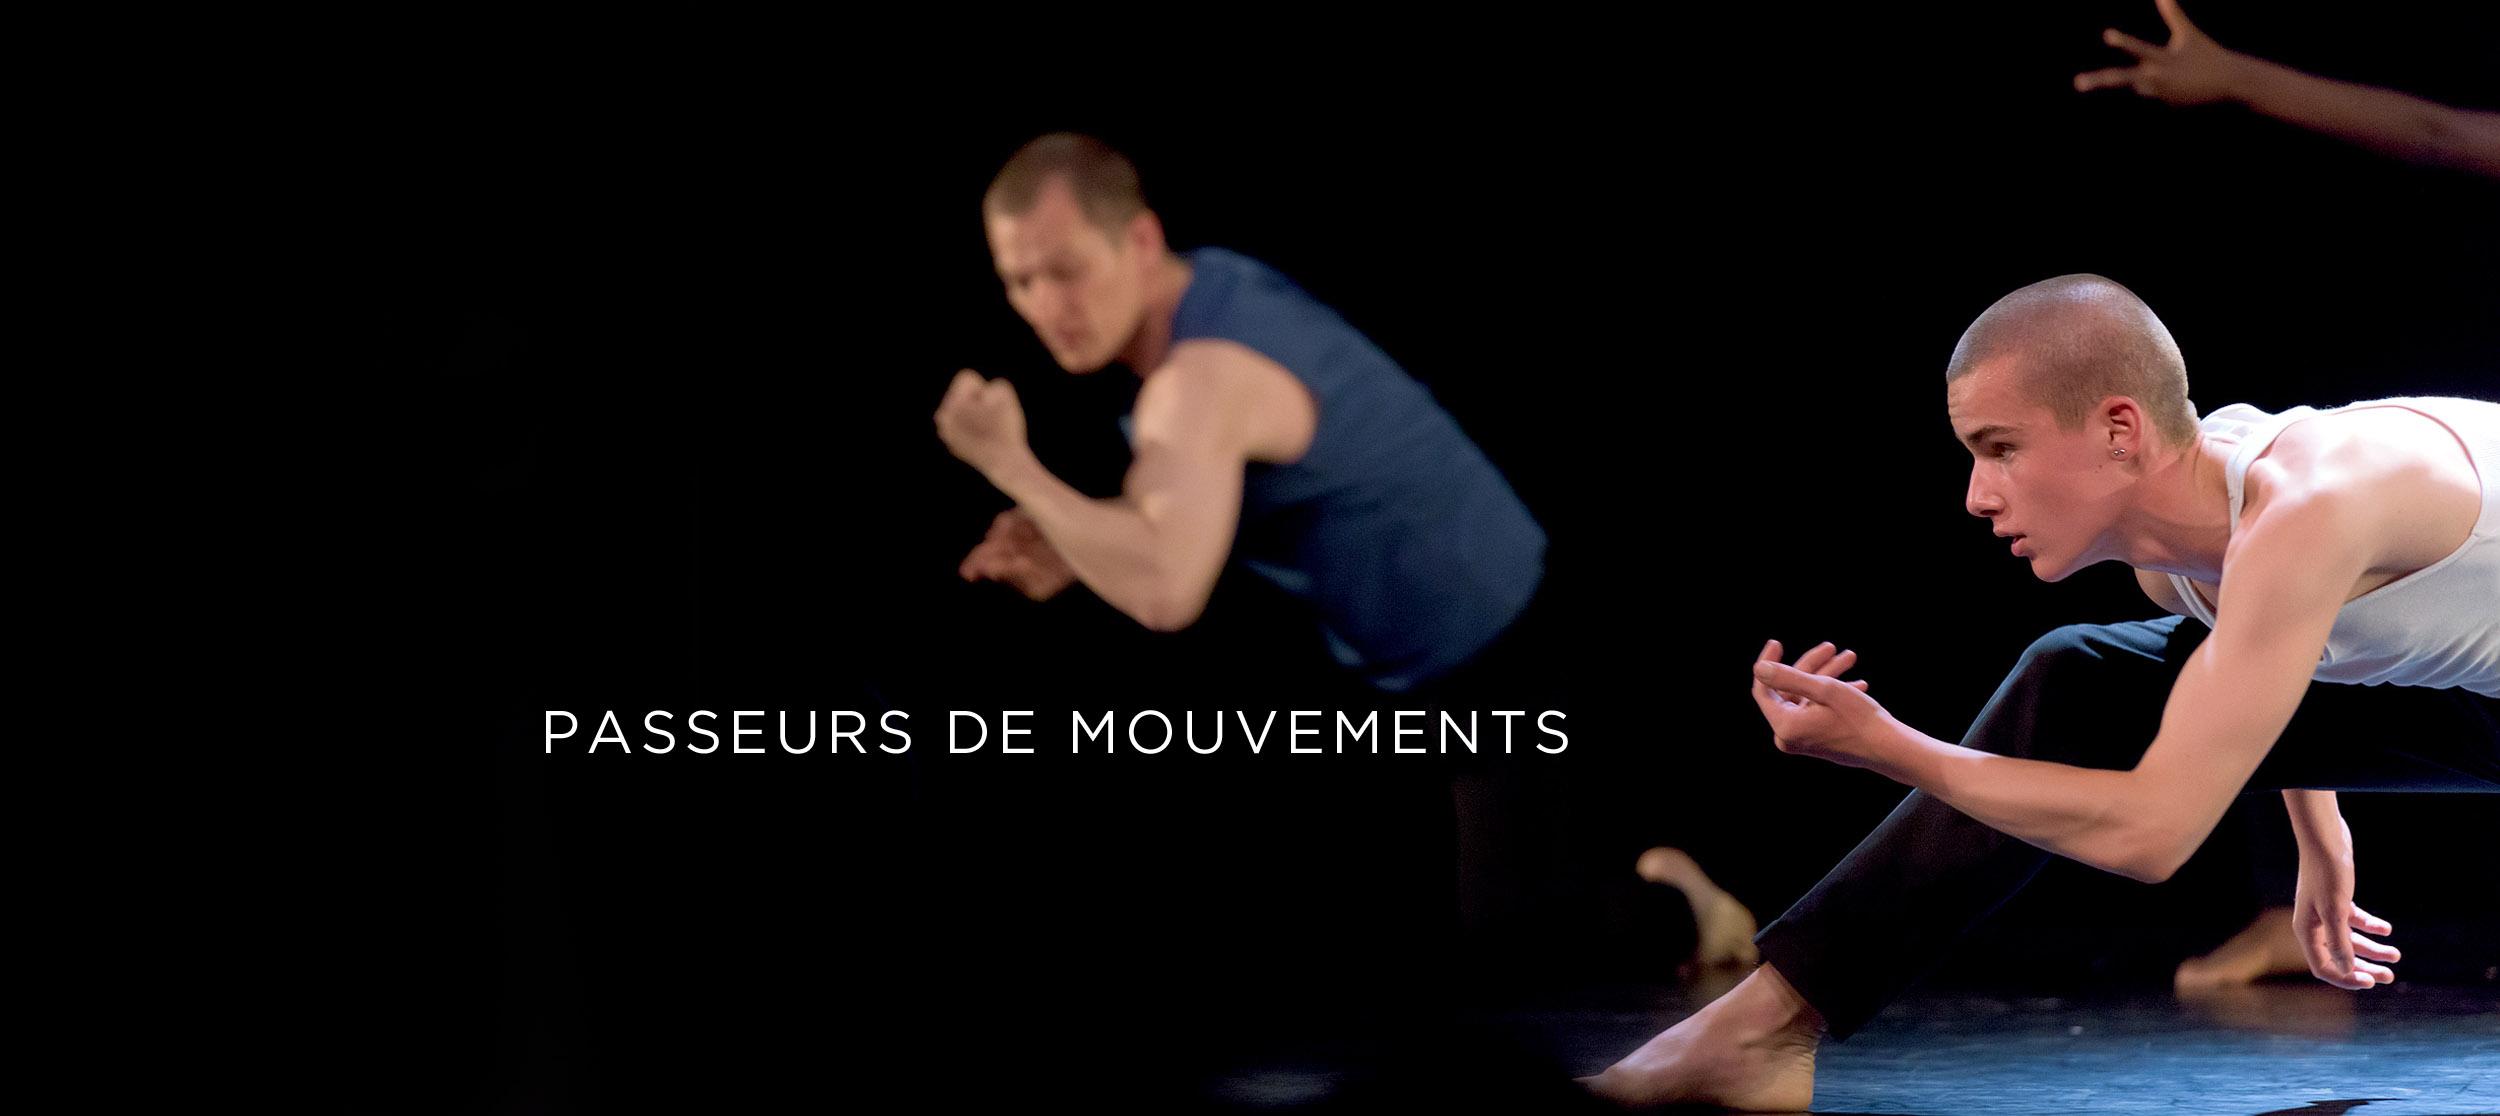 Spectacle de danse du CECAP Lorient - danseurs contemporains sur scène